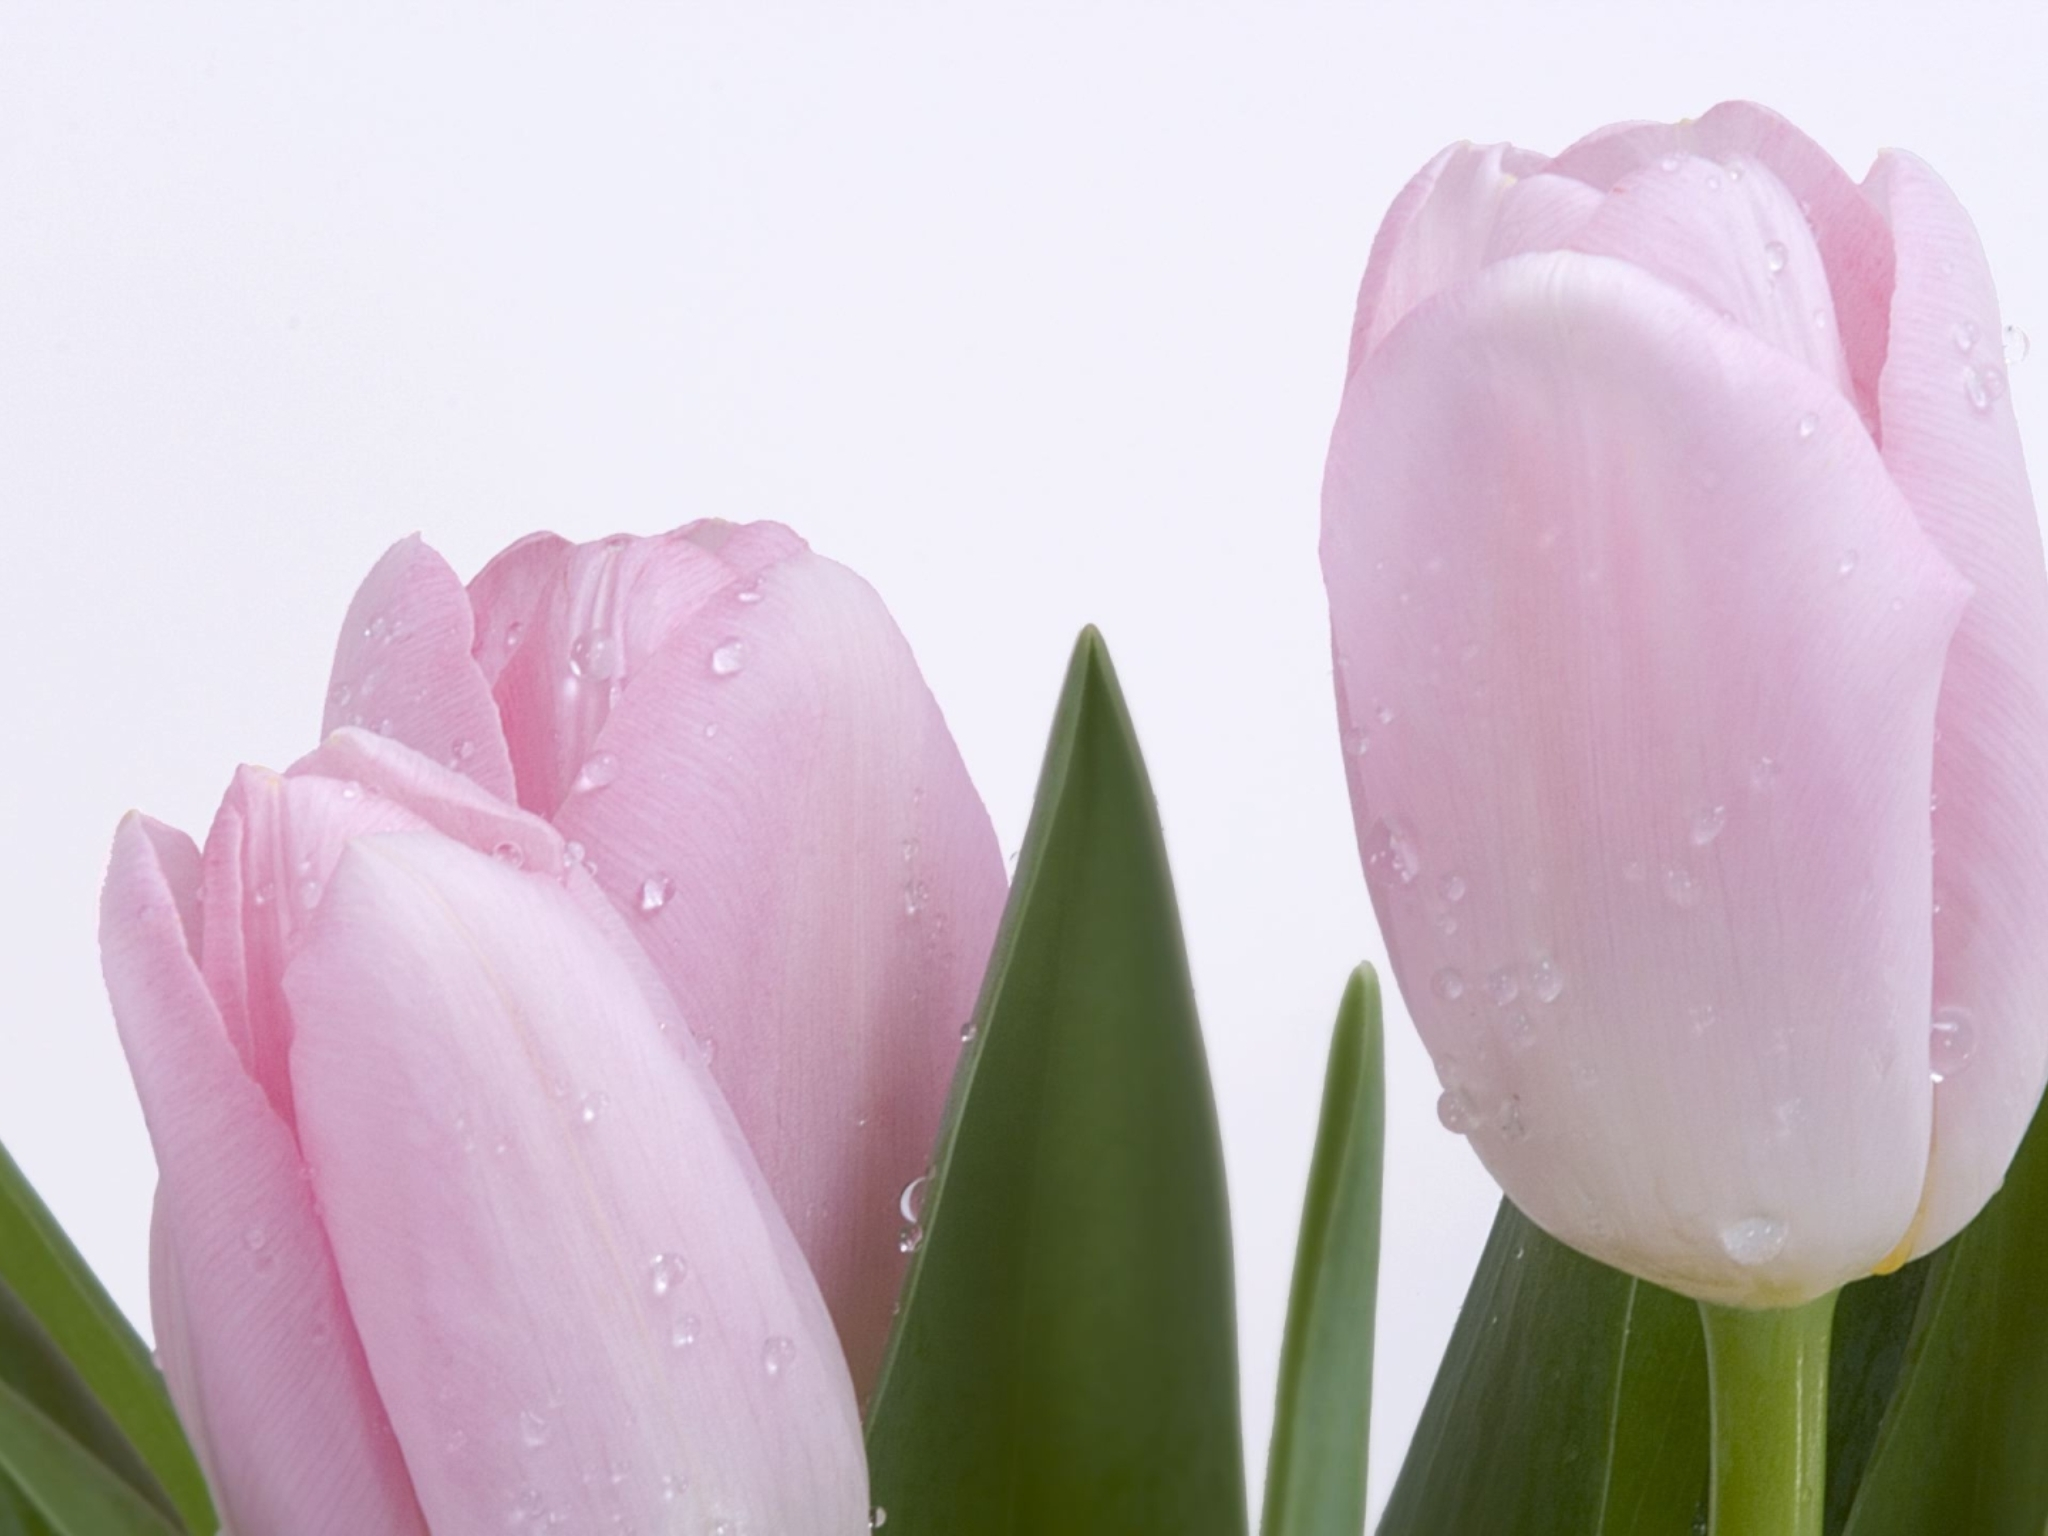 Тюльпан смотреть онлайн бесплатно в хорошем качестве 27 фотография